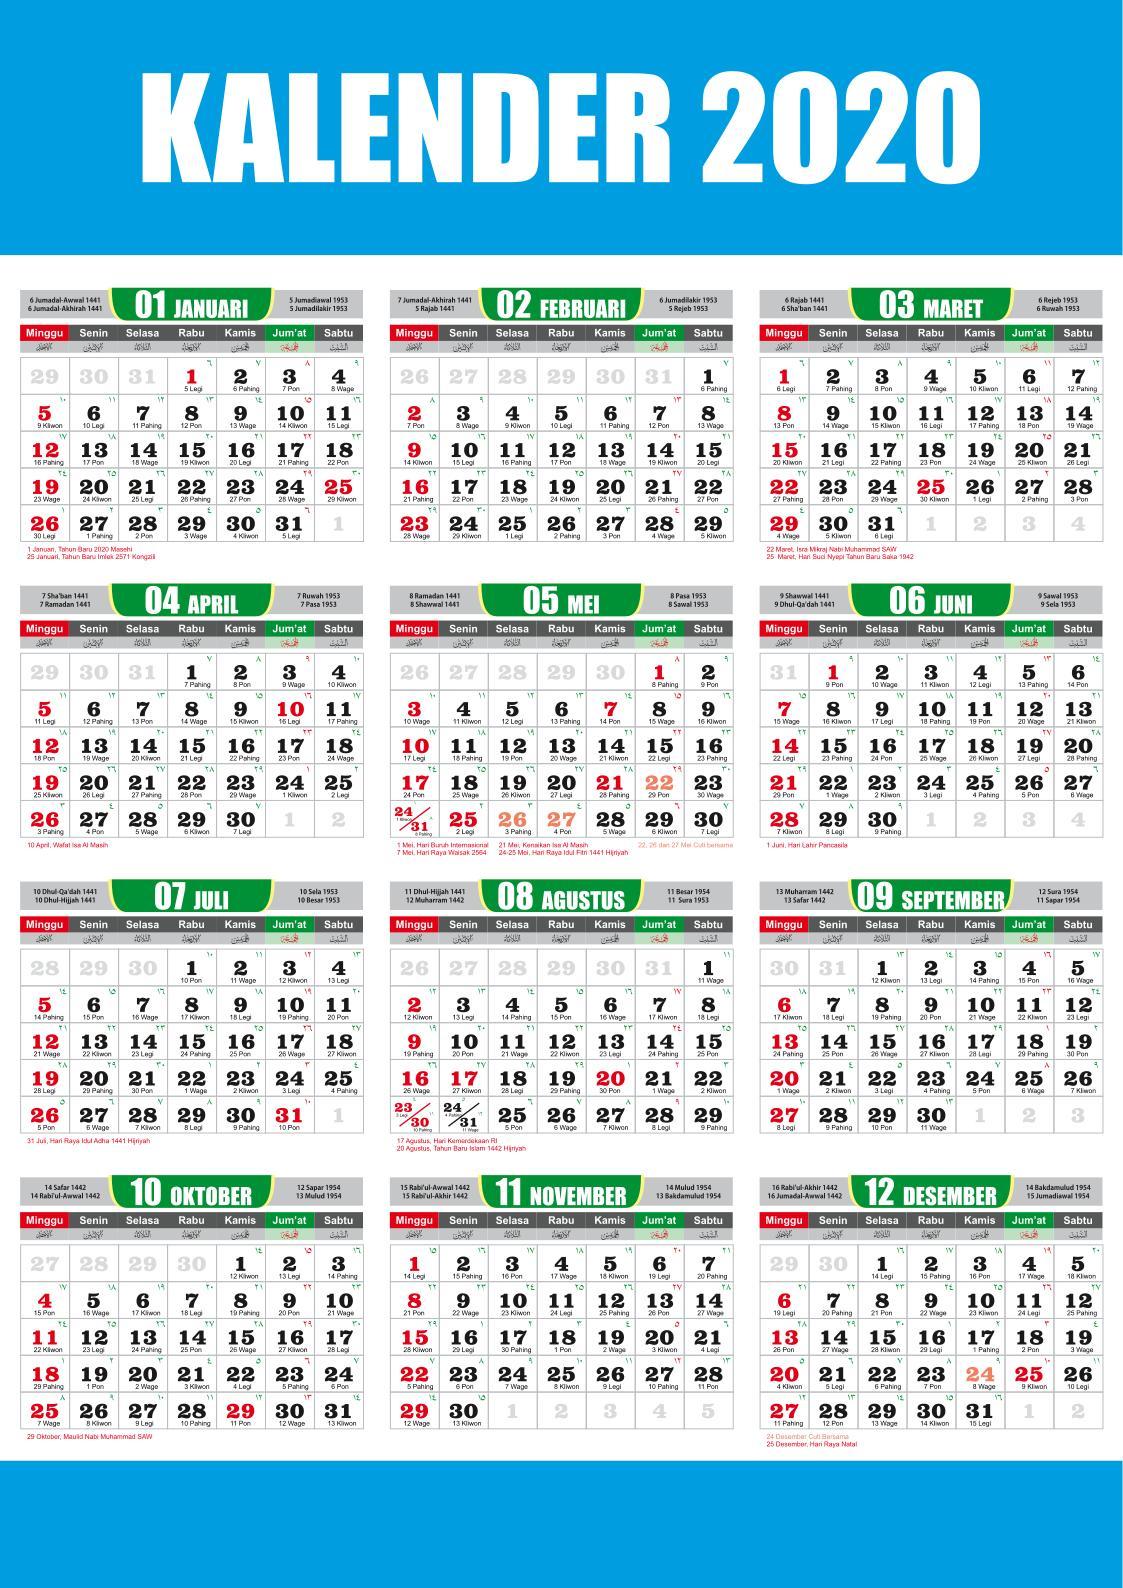 Download kalender 2020 cdr masehi hijriyah jawa Lengkap